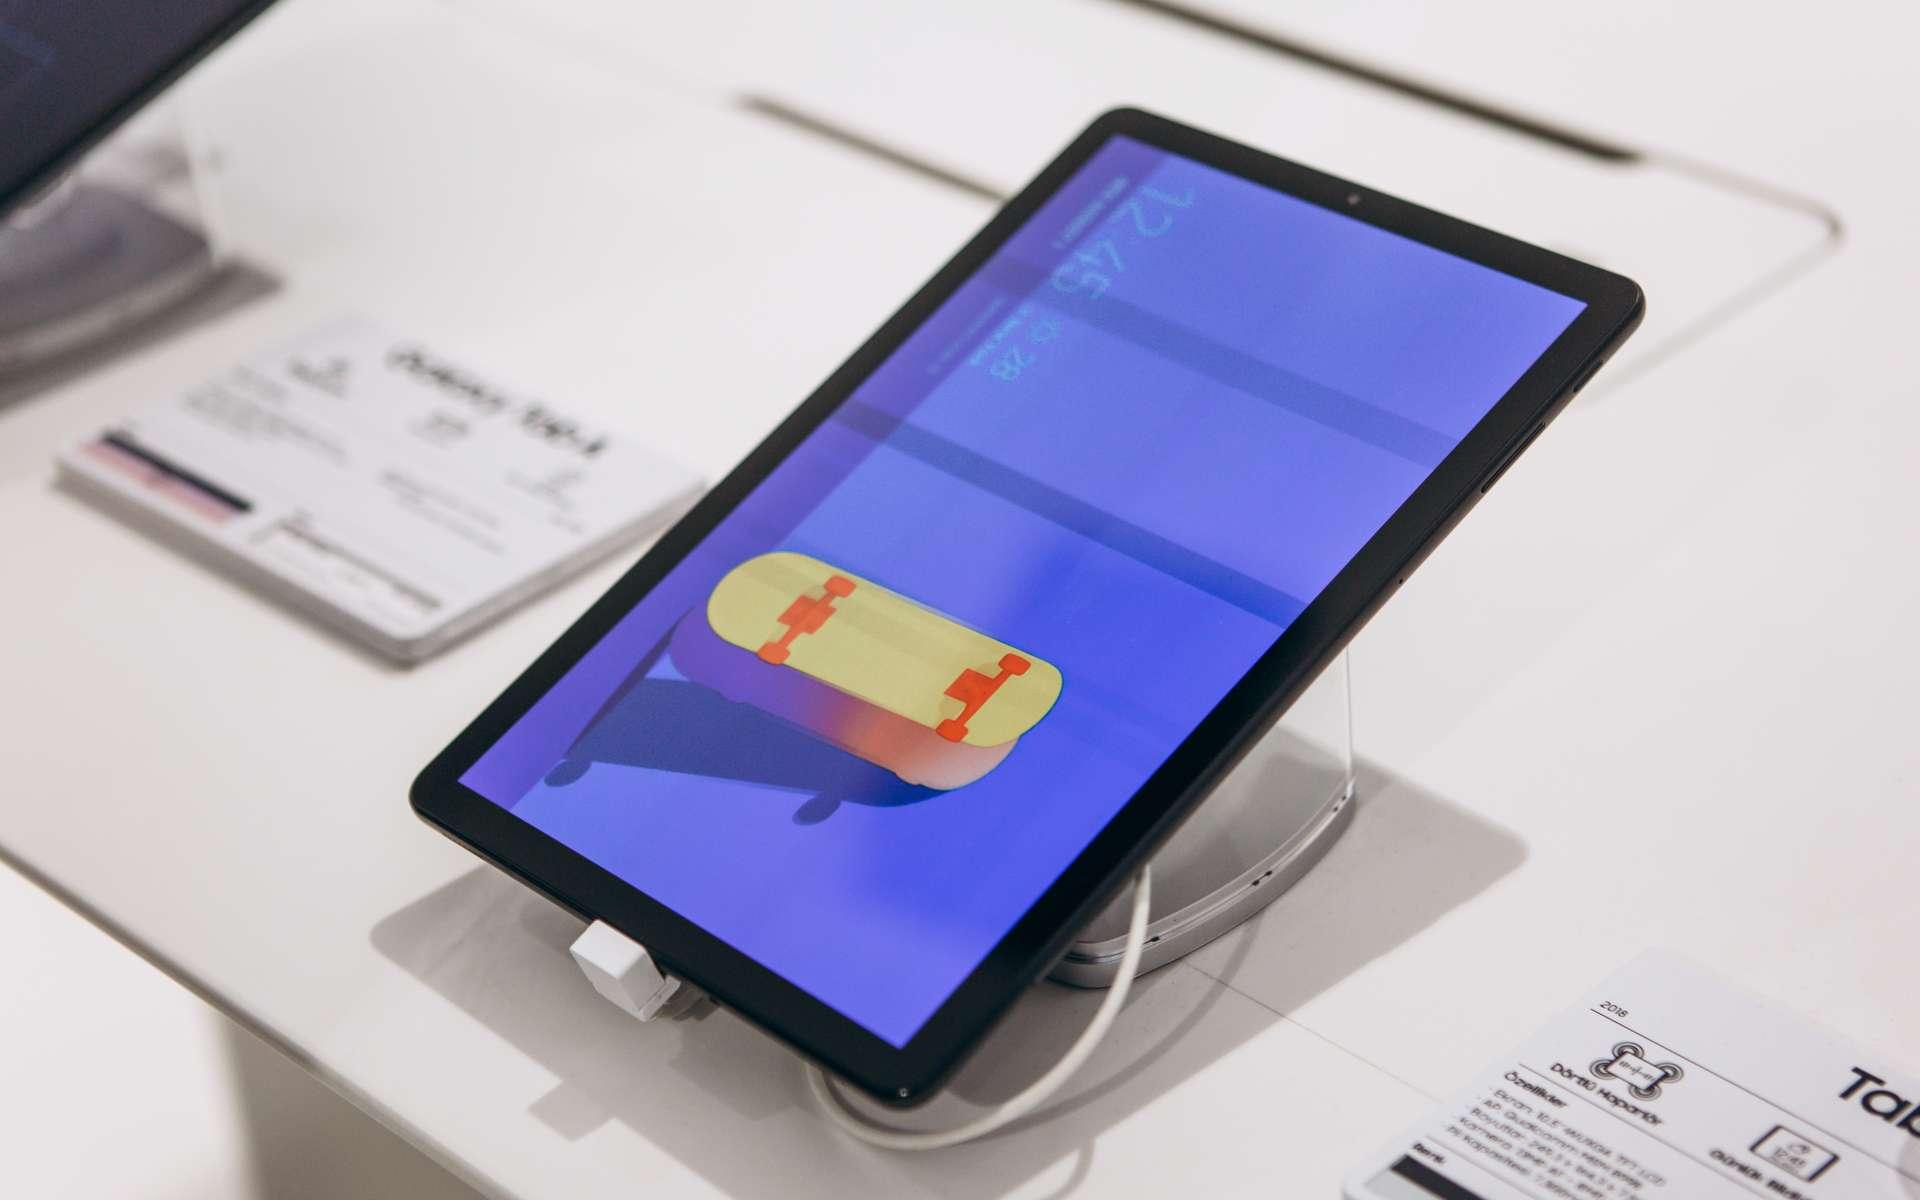 Samsung Galaxy Tab : jusqu'à  180 € de réduction sur ces bons plans Cdiscount